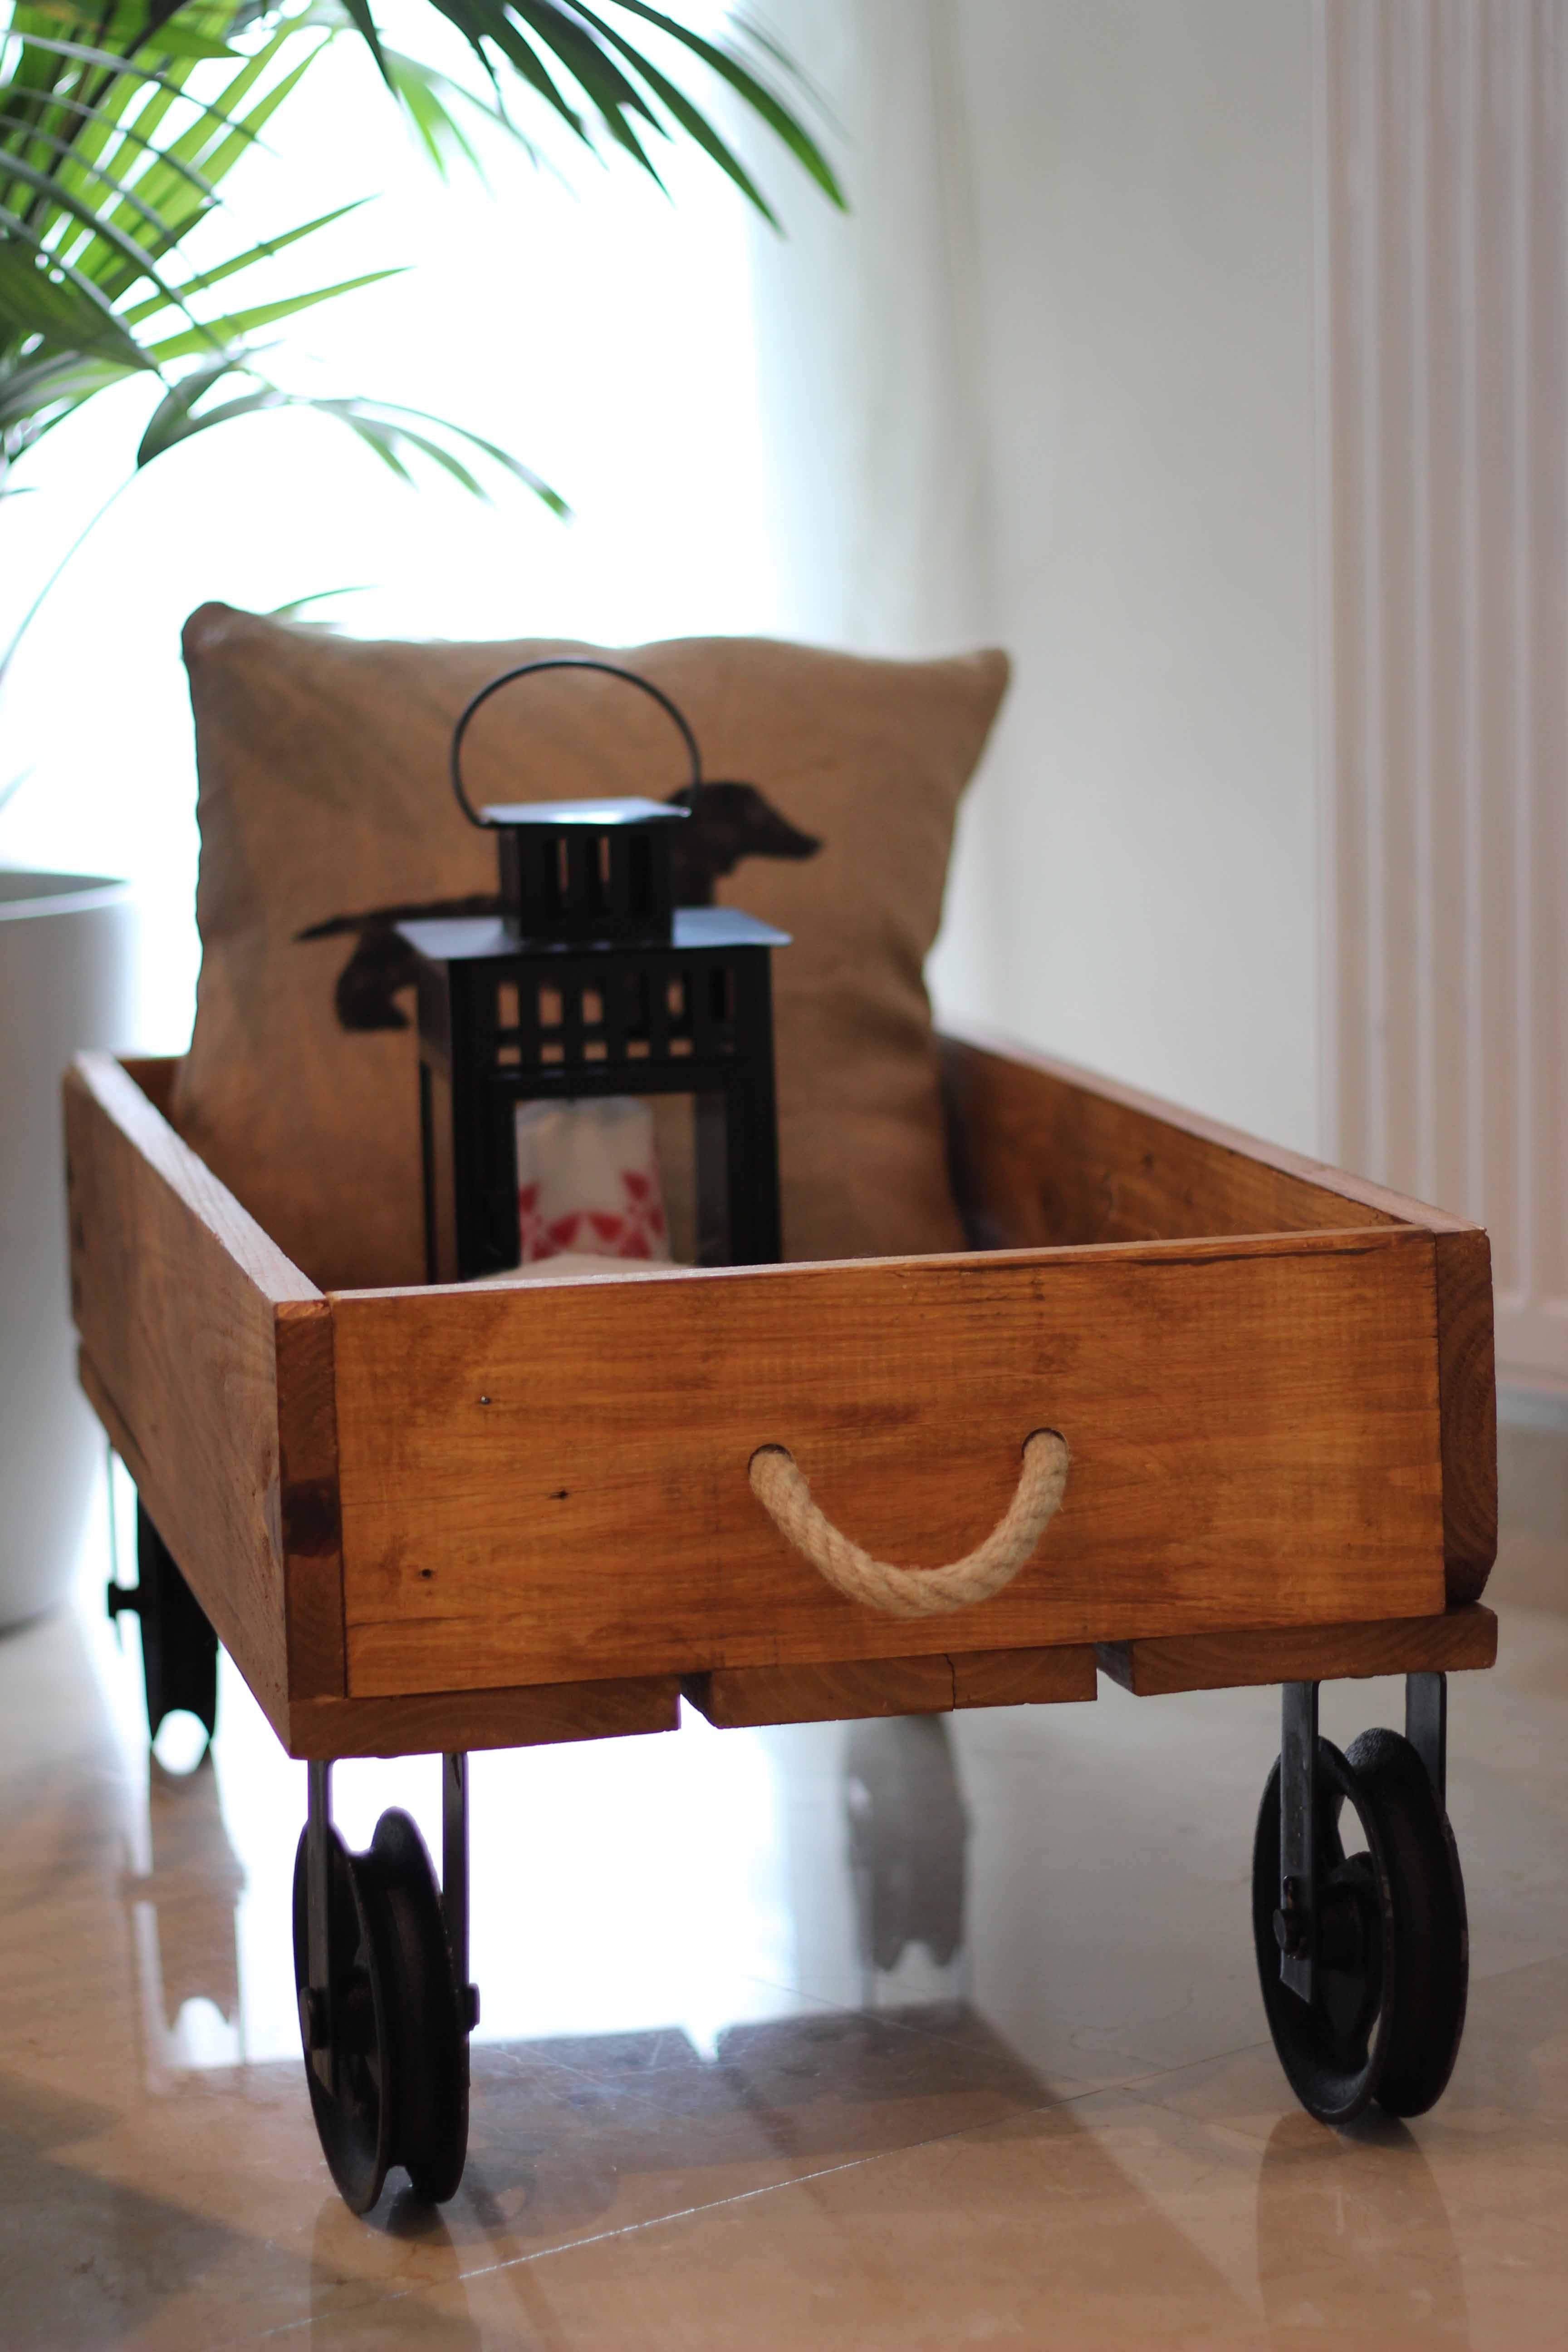 Muebles Con Tarimas Y Cajones - Caj N De Palet Reciclado Y Ruedas Vintage Ideas Para El Hogar [mjhdah]https://i.ytimg.com/vi/53C0fAN7AEo/maxresdefault.jpg